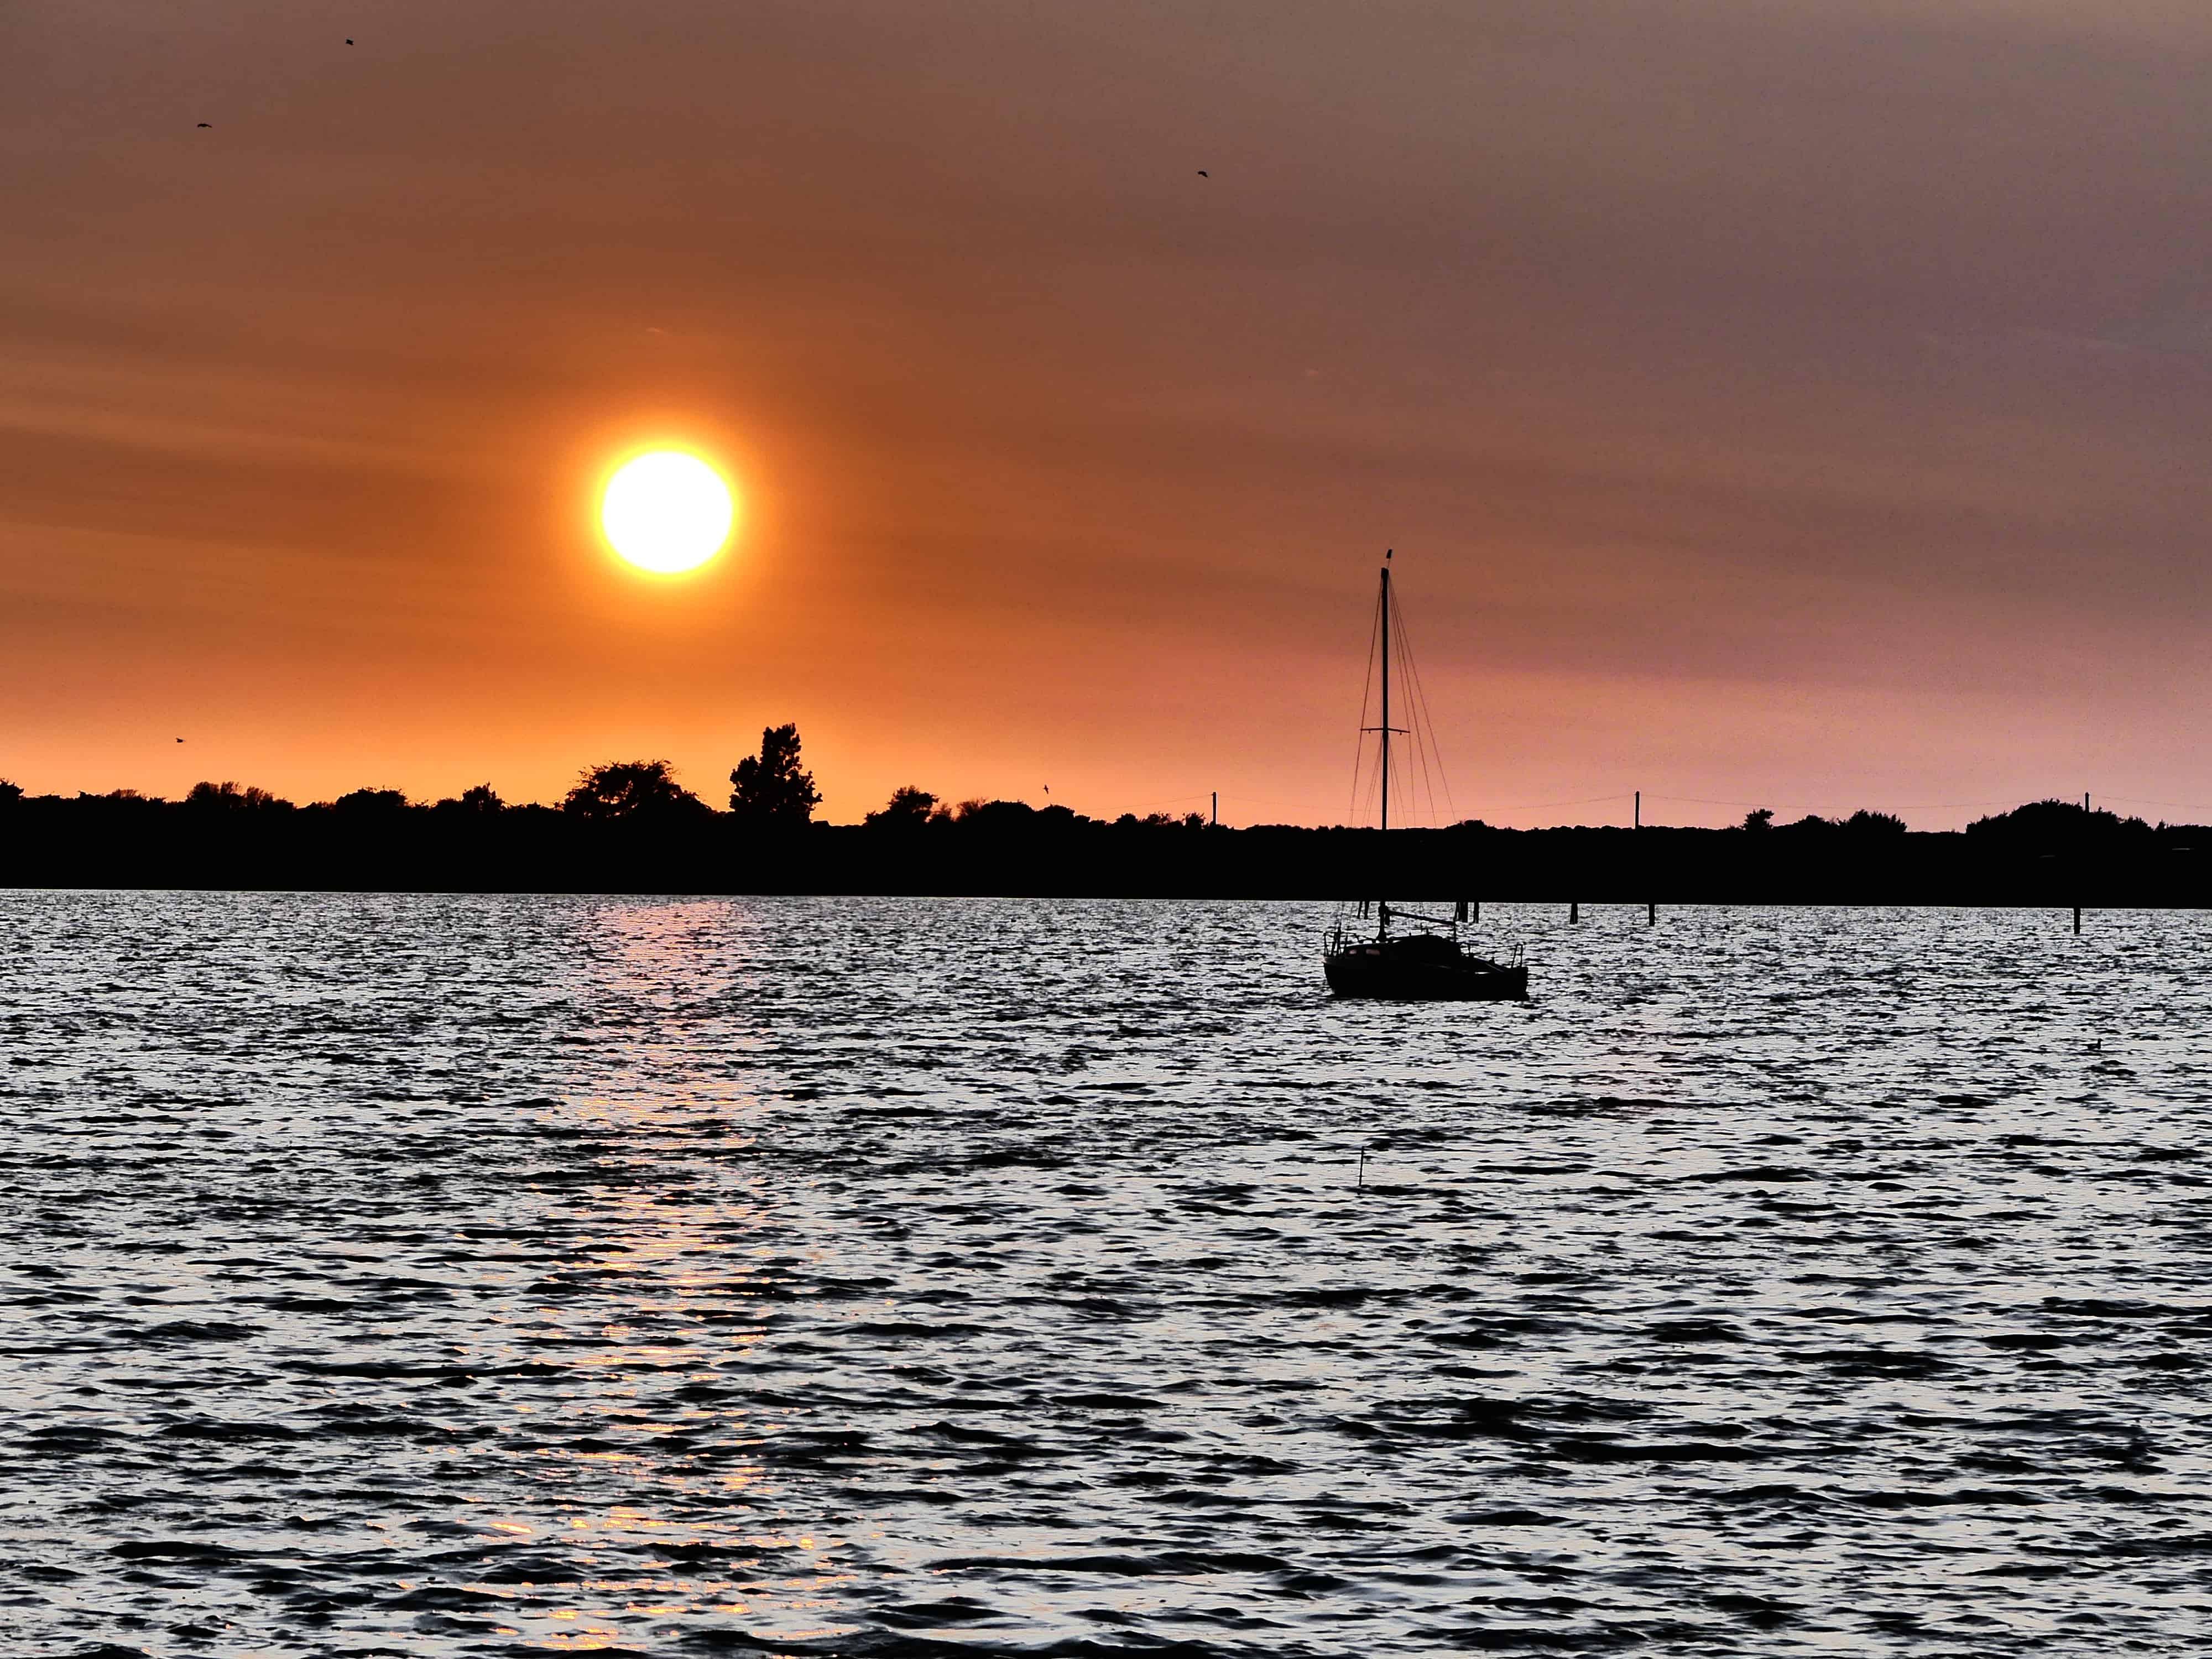 Ostseebad Rerik Bilder - Sonnenuntergang über dem Salzhaff